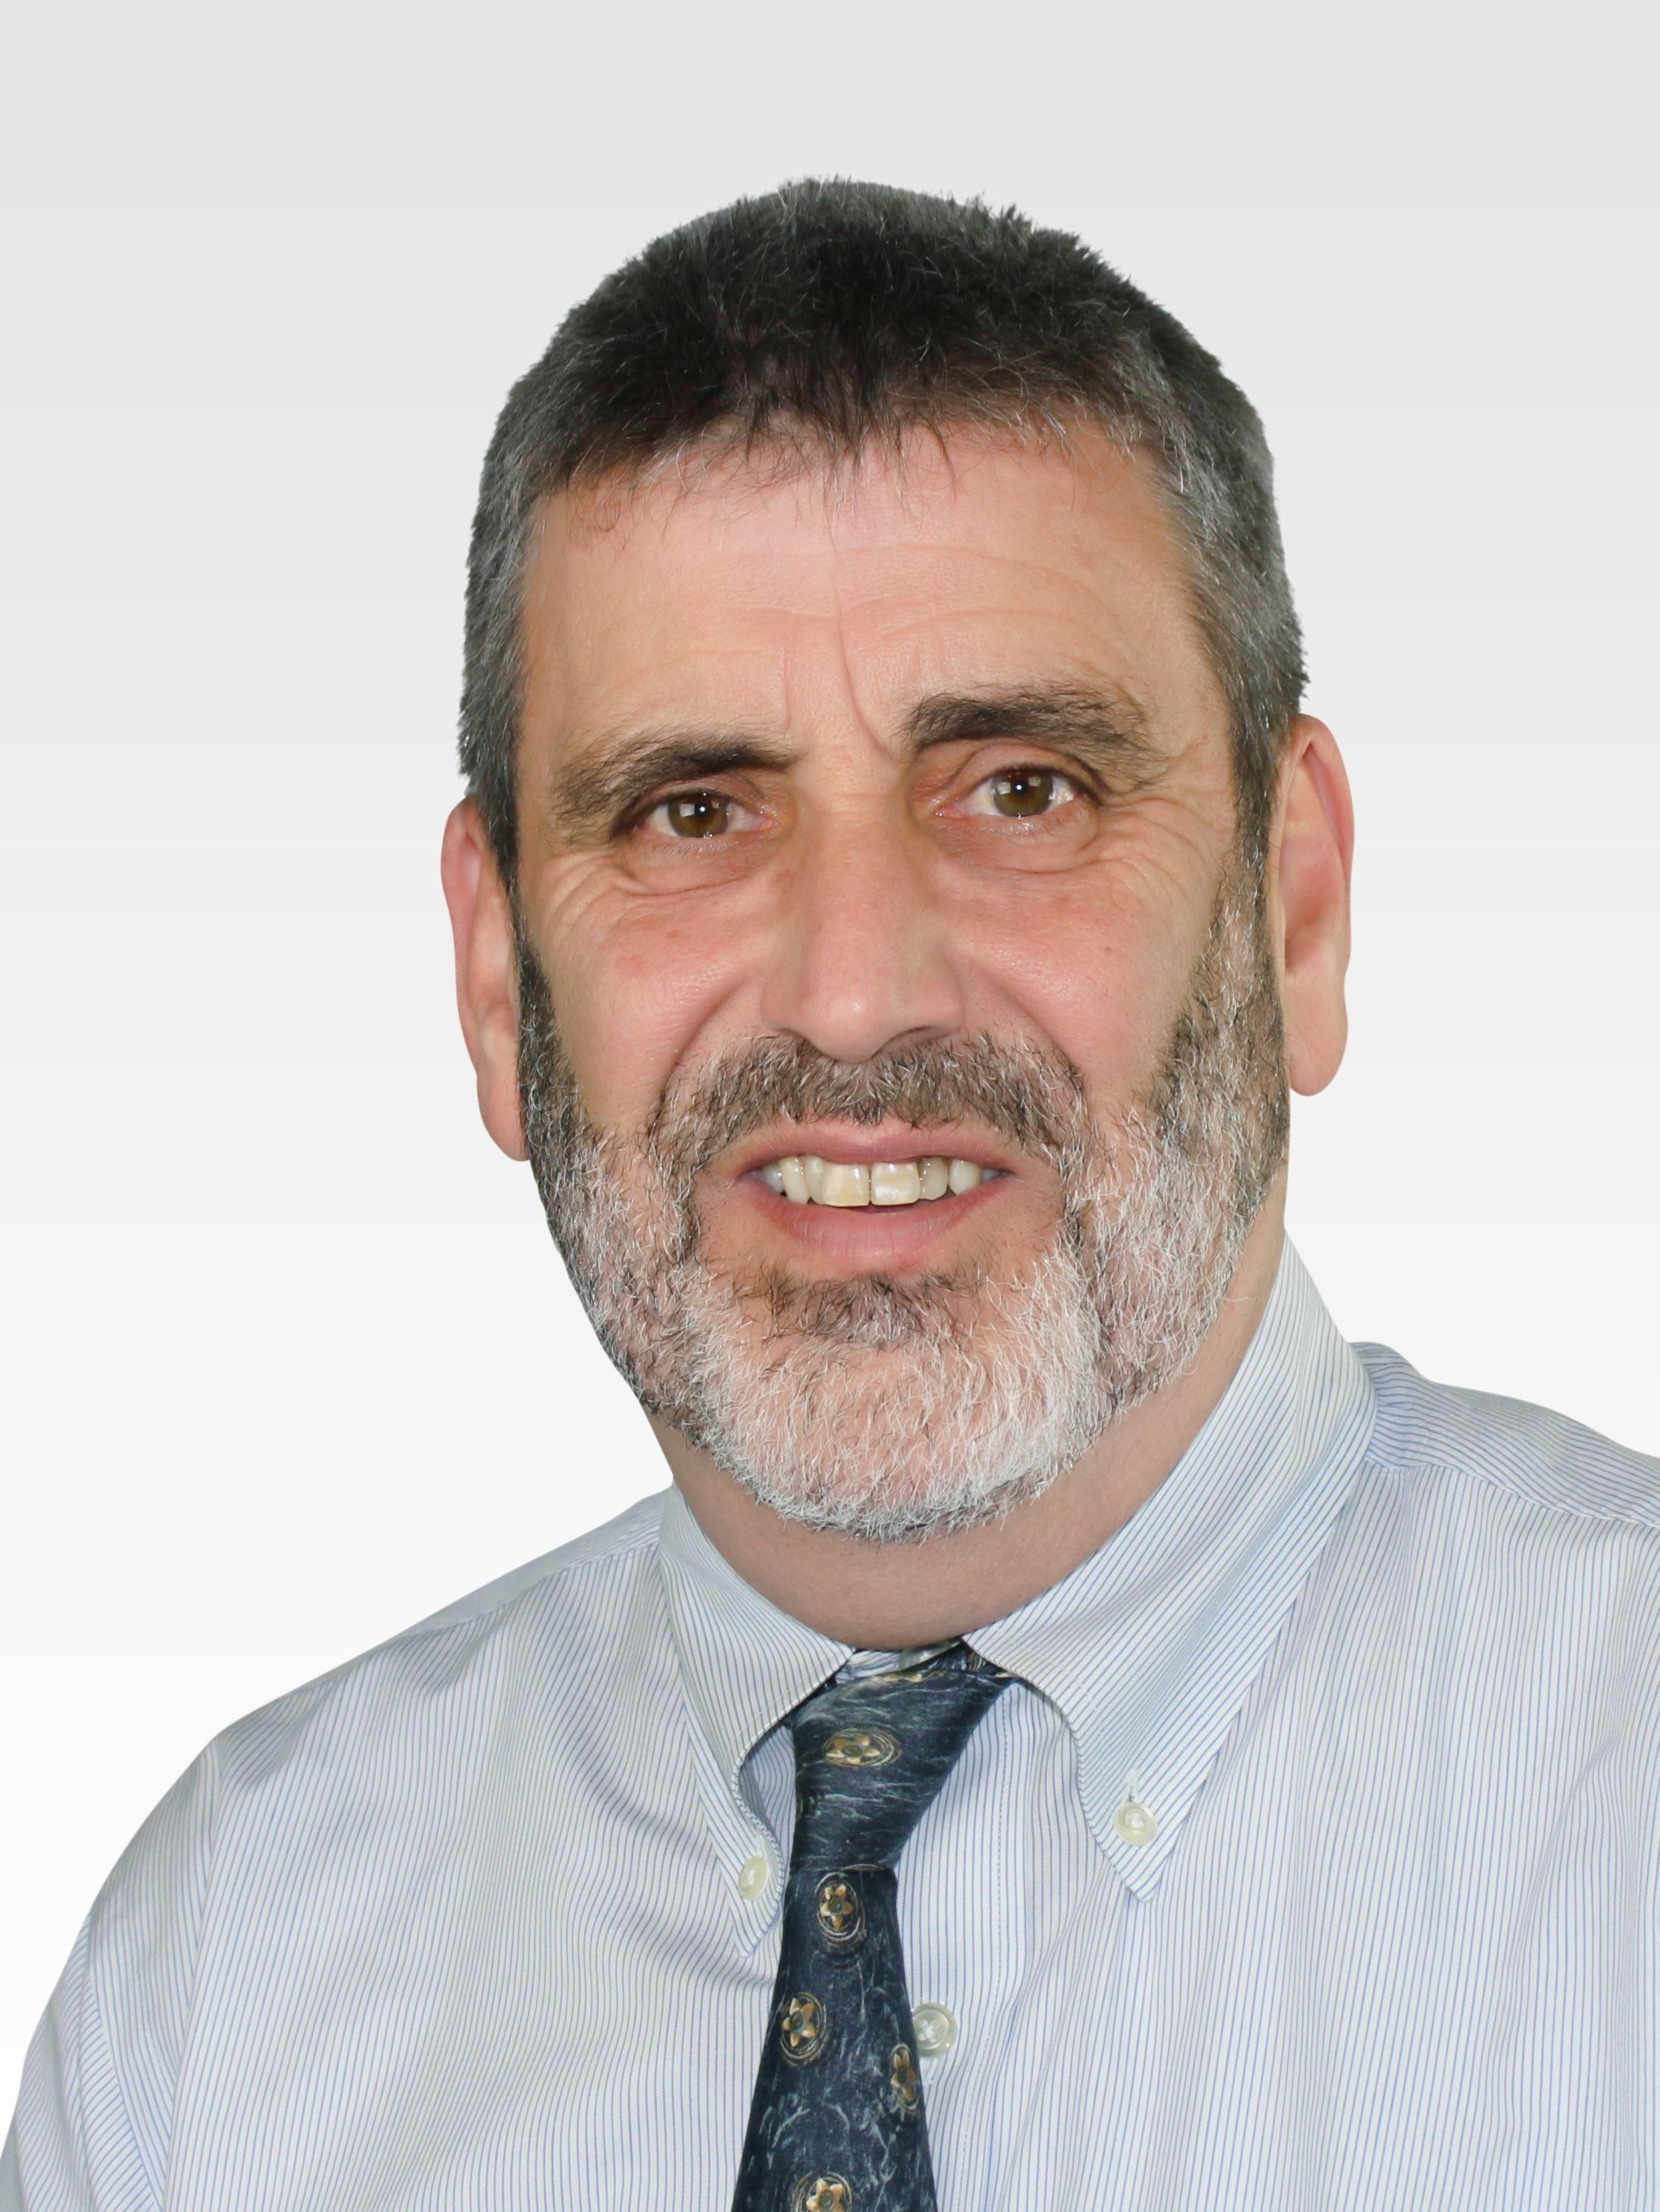 Kenneth Hoch